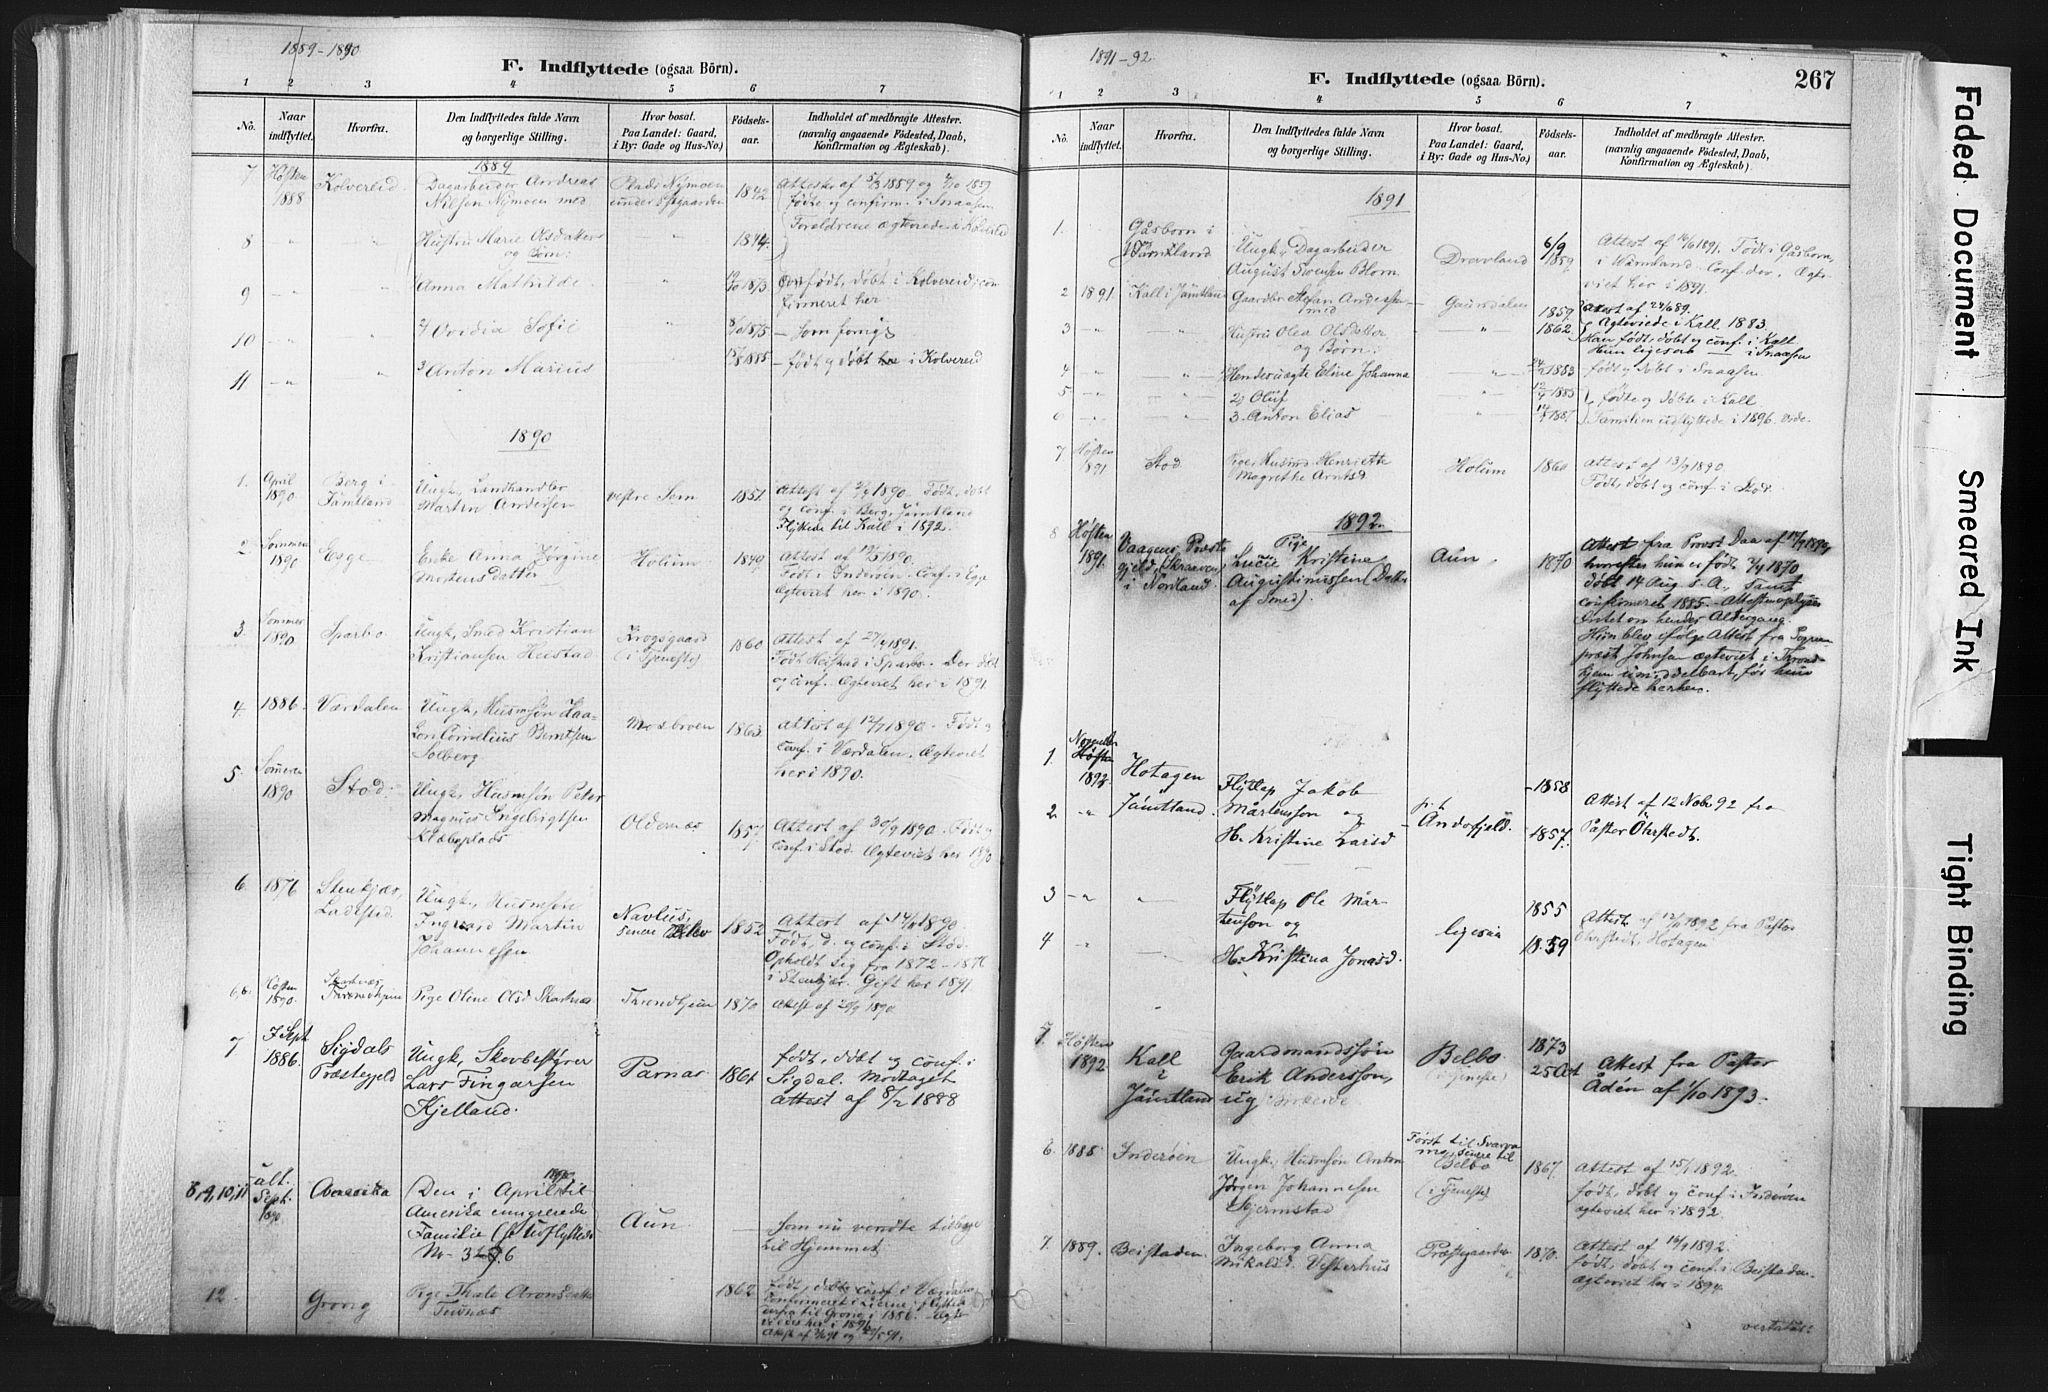 SAT, Ministerialprotokoller, klokkerbøker og fødselsregistre - Nord-Trøndelag, 749/L0474: Ministerialbok nr. 749A08, 1887-1903, s. 267